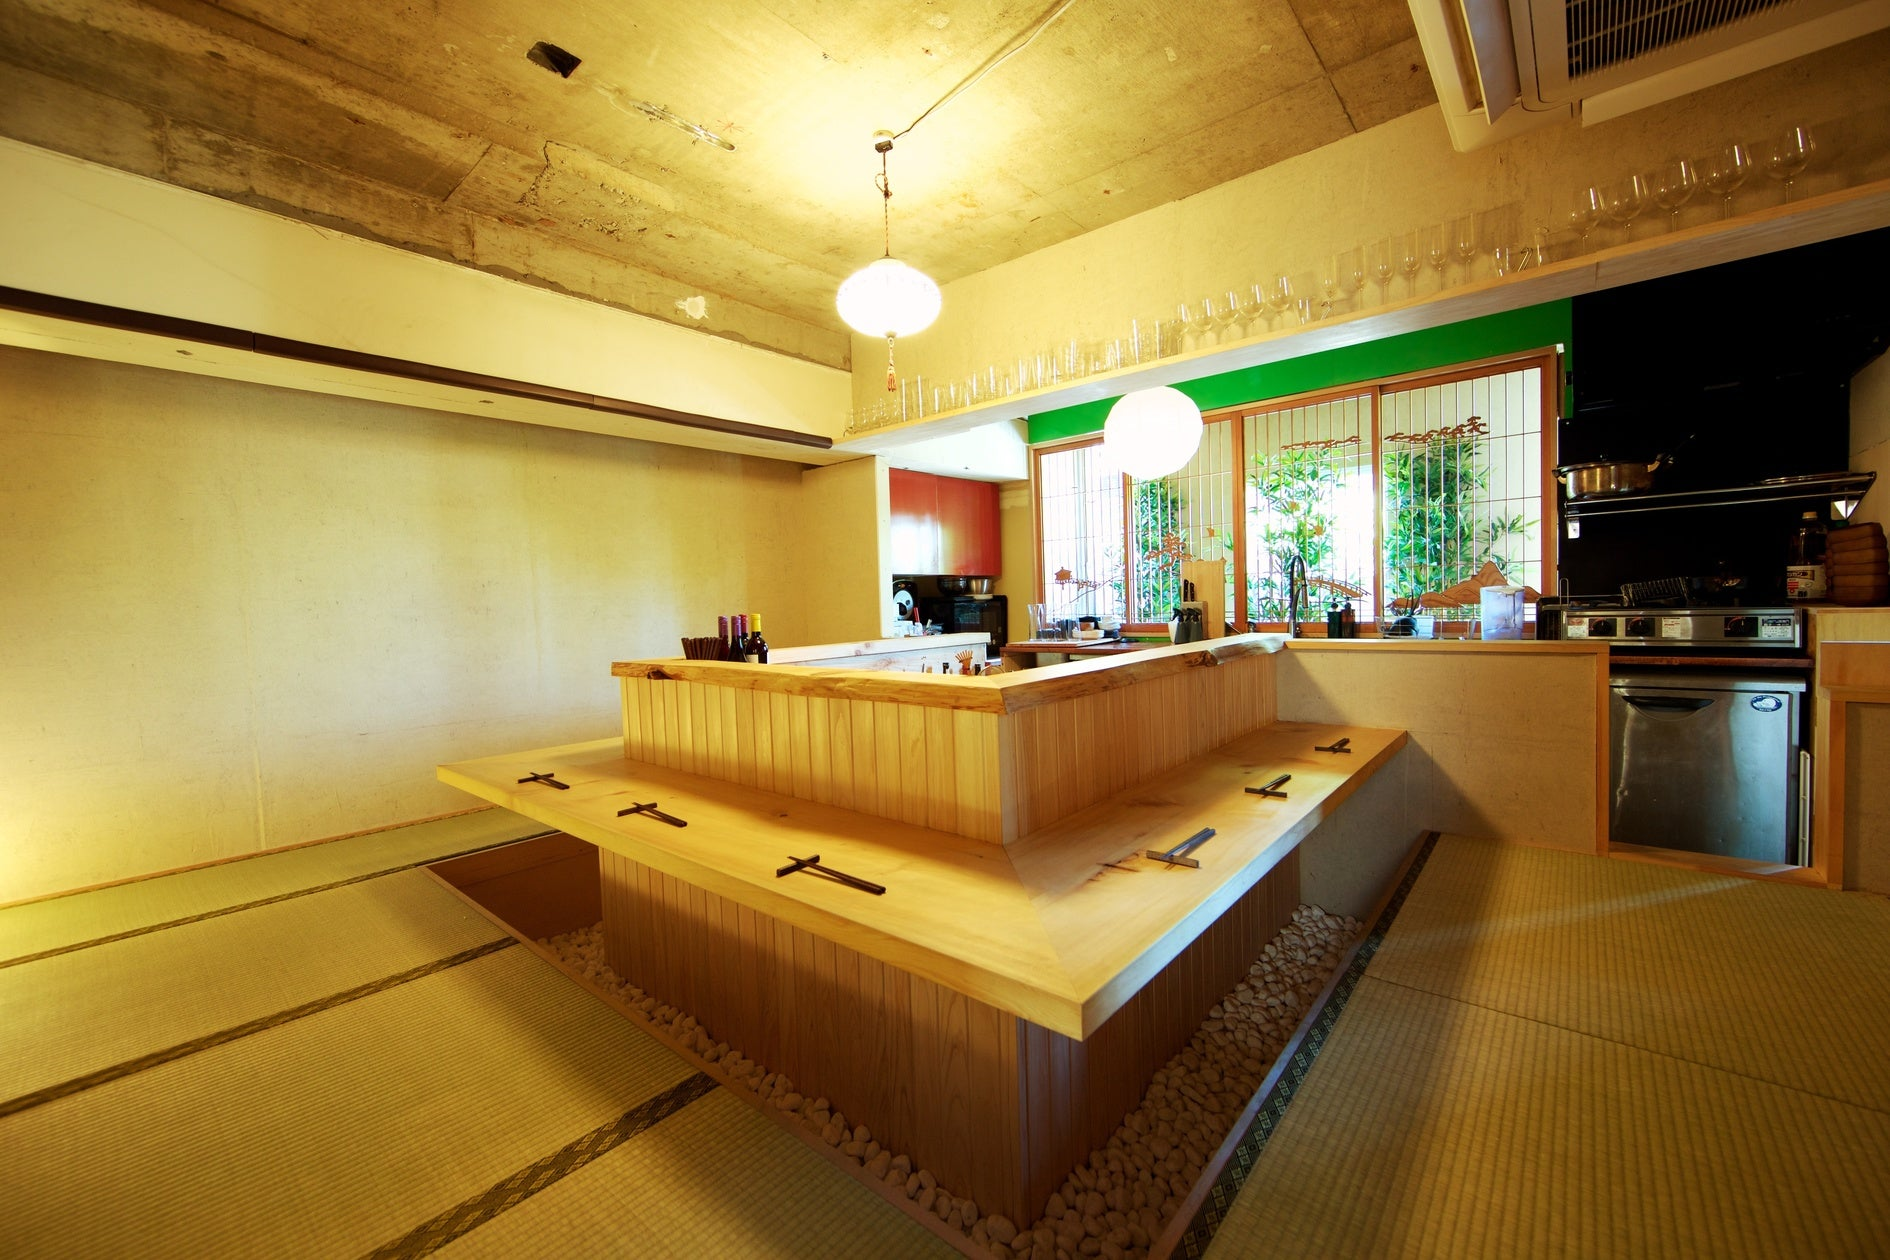 【渋谷、原宿、キャットストリート、神宮前】突如「和」の空間。非日常を体験する。